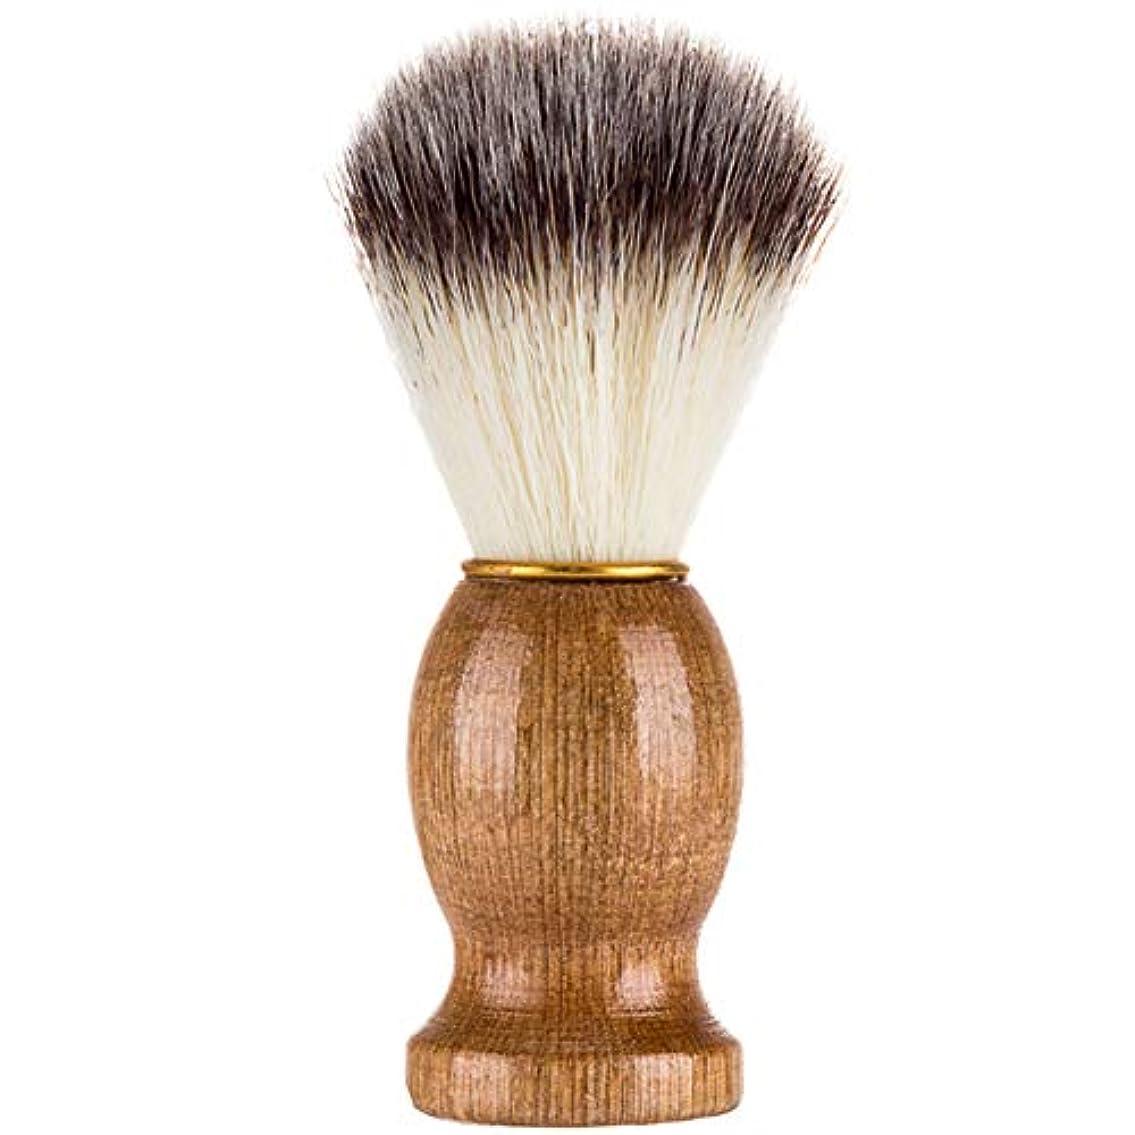 本質的にフェードアウト振動するlzndeal シェービングブラシ シェービングブラシ 男性用シェービングブラシシェービングカミソリブラシ サロンバーツール 顔のあご髭シェービング用品